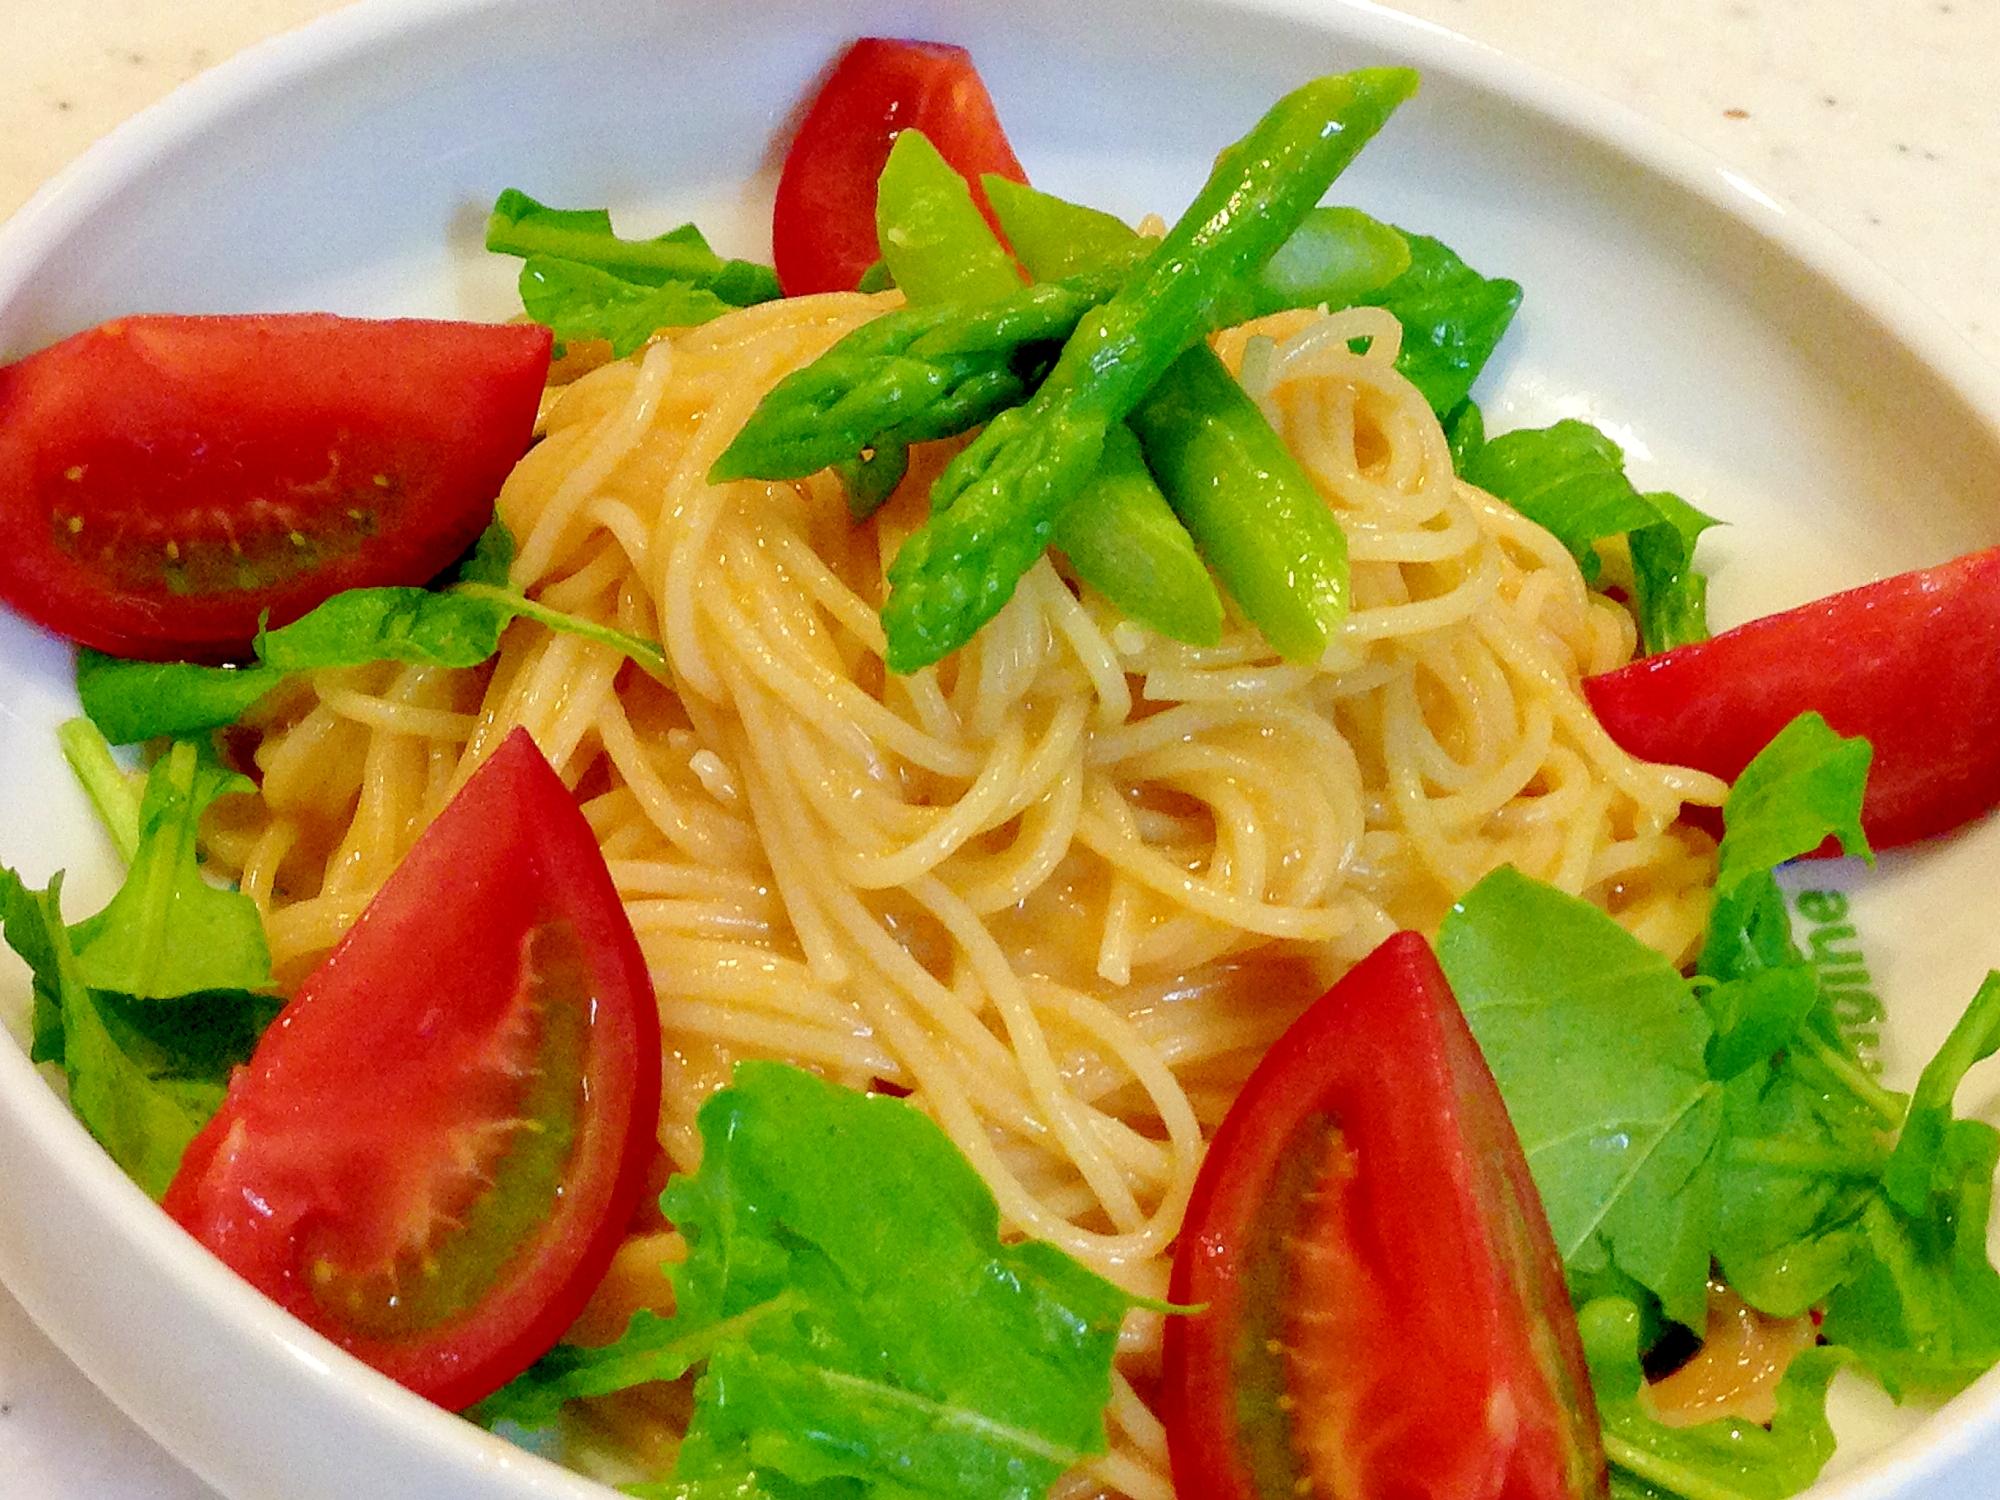 夏にひんやり☆ウニとアメーラトマトの冷製パスタ